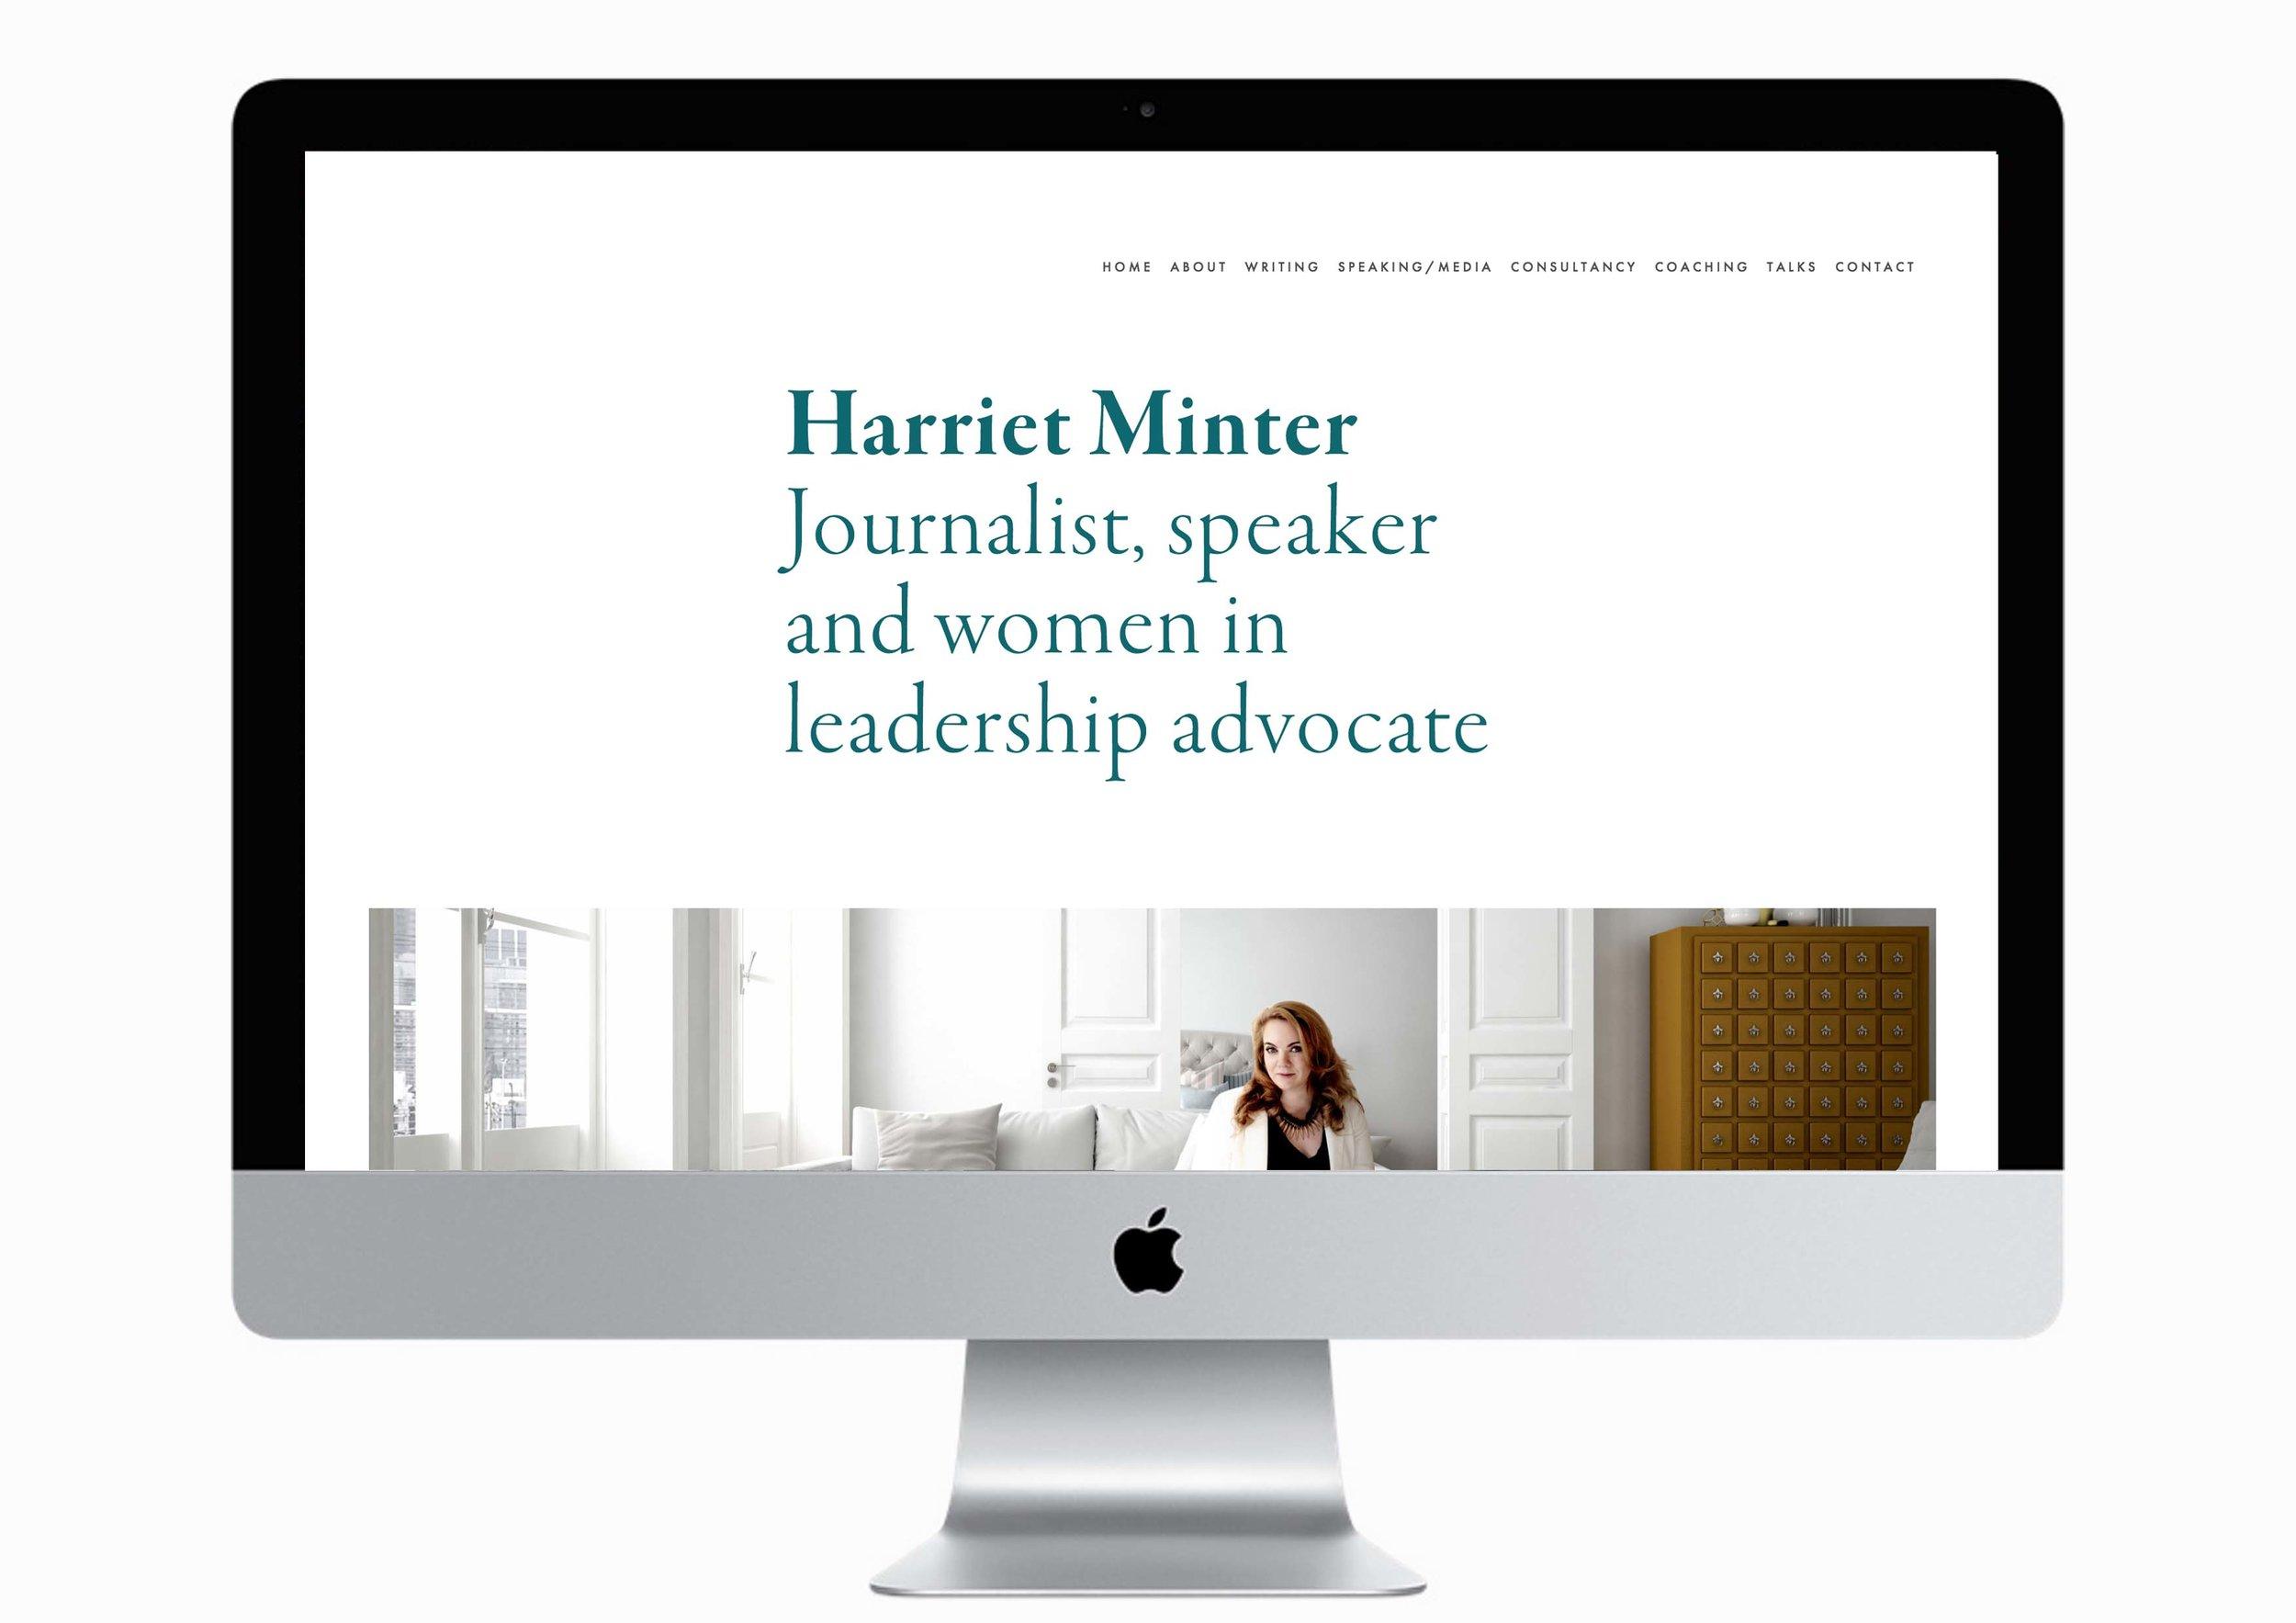 HarrietMinter.jpg